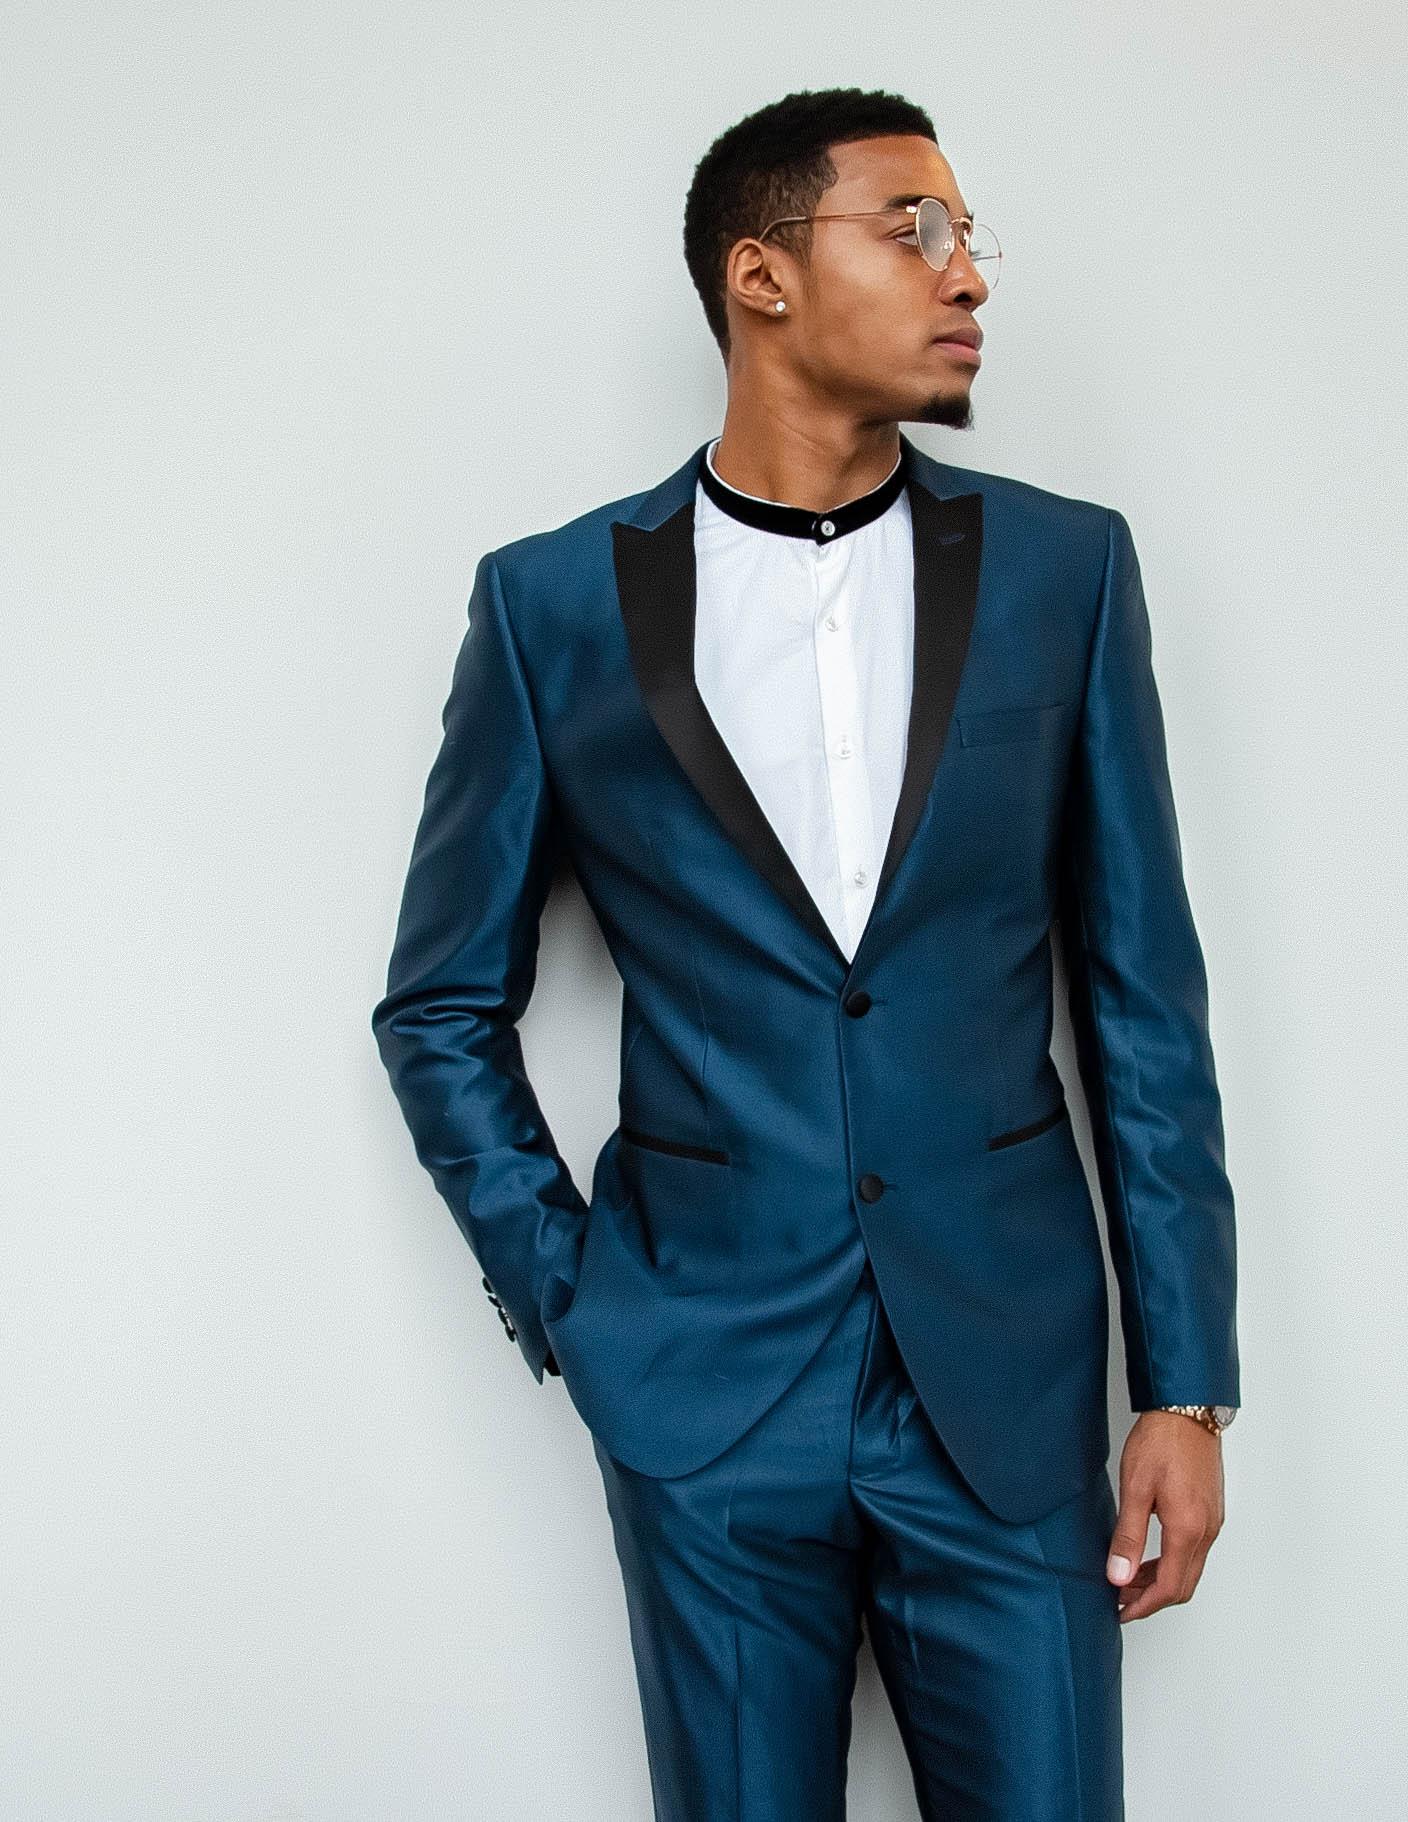 The Gentleman, Pt. II -